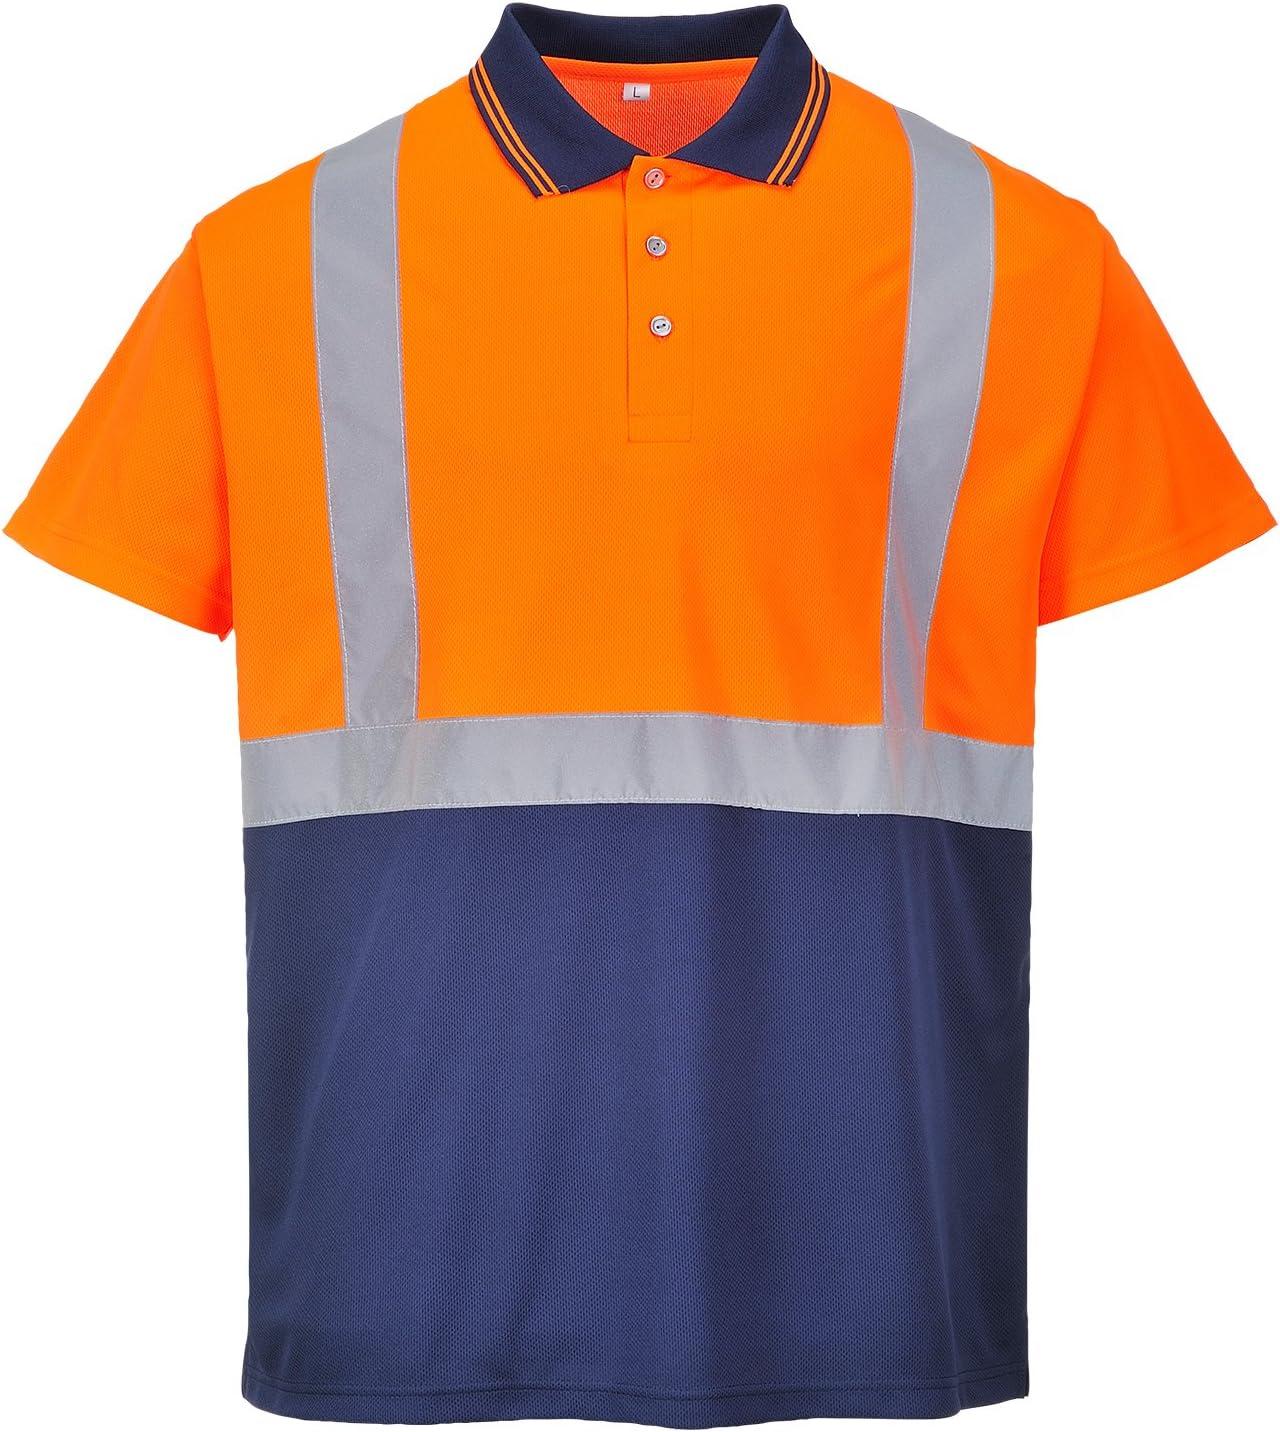 Portwest S479 Zwei Ton Hi Vis Polohemd Arbeitskleidung